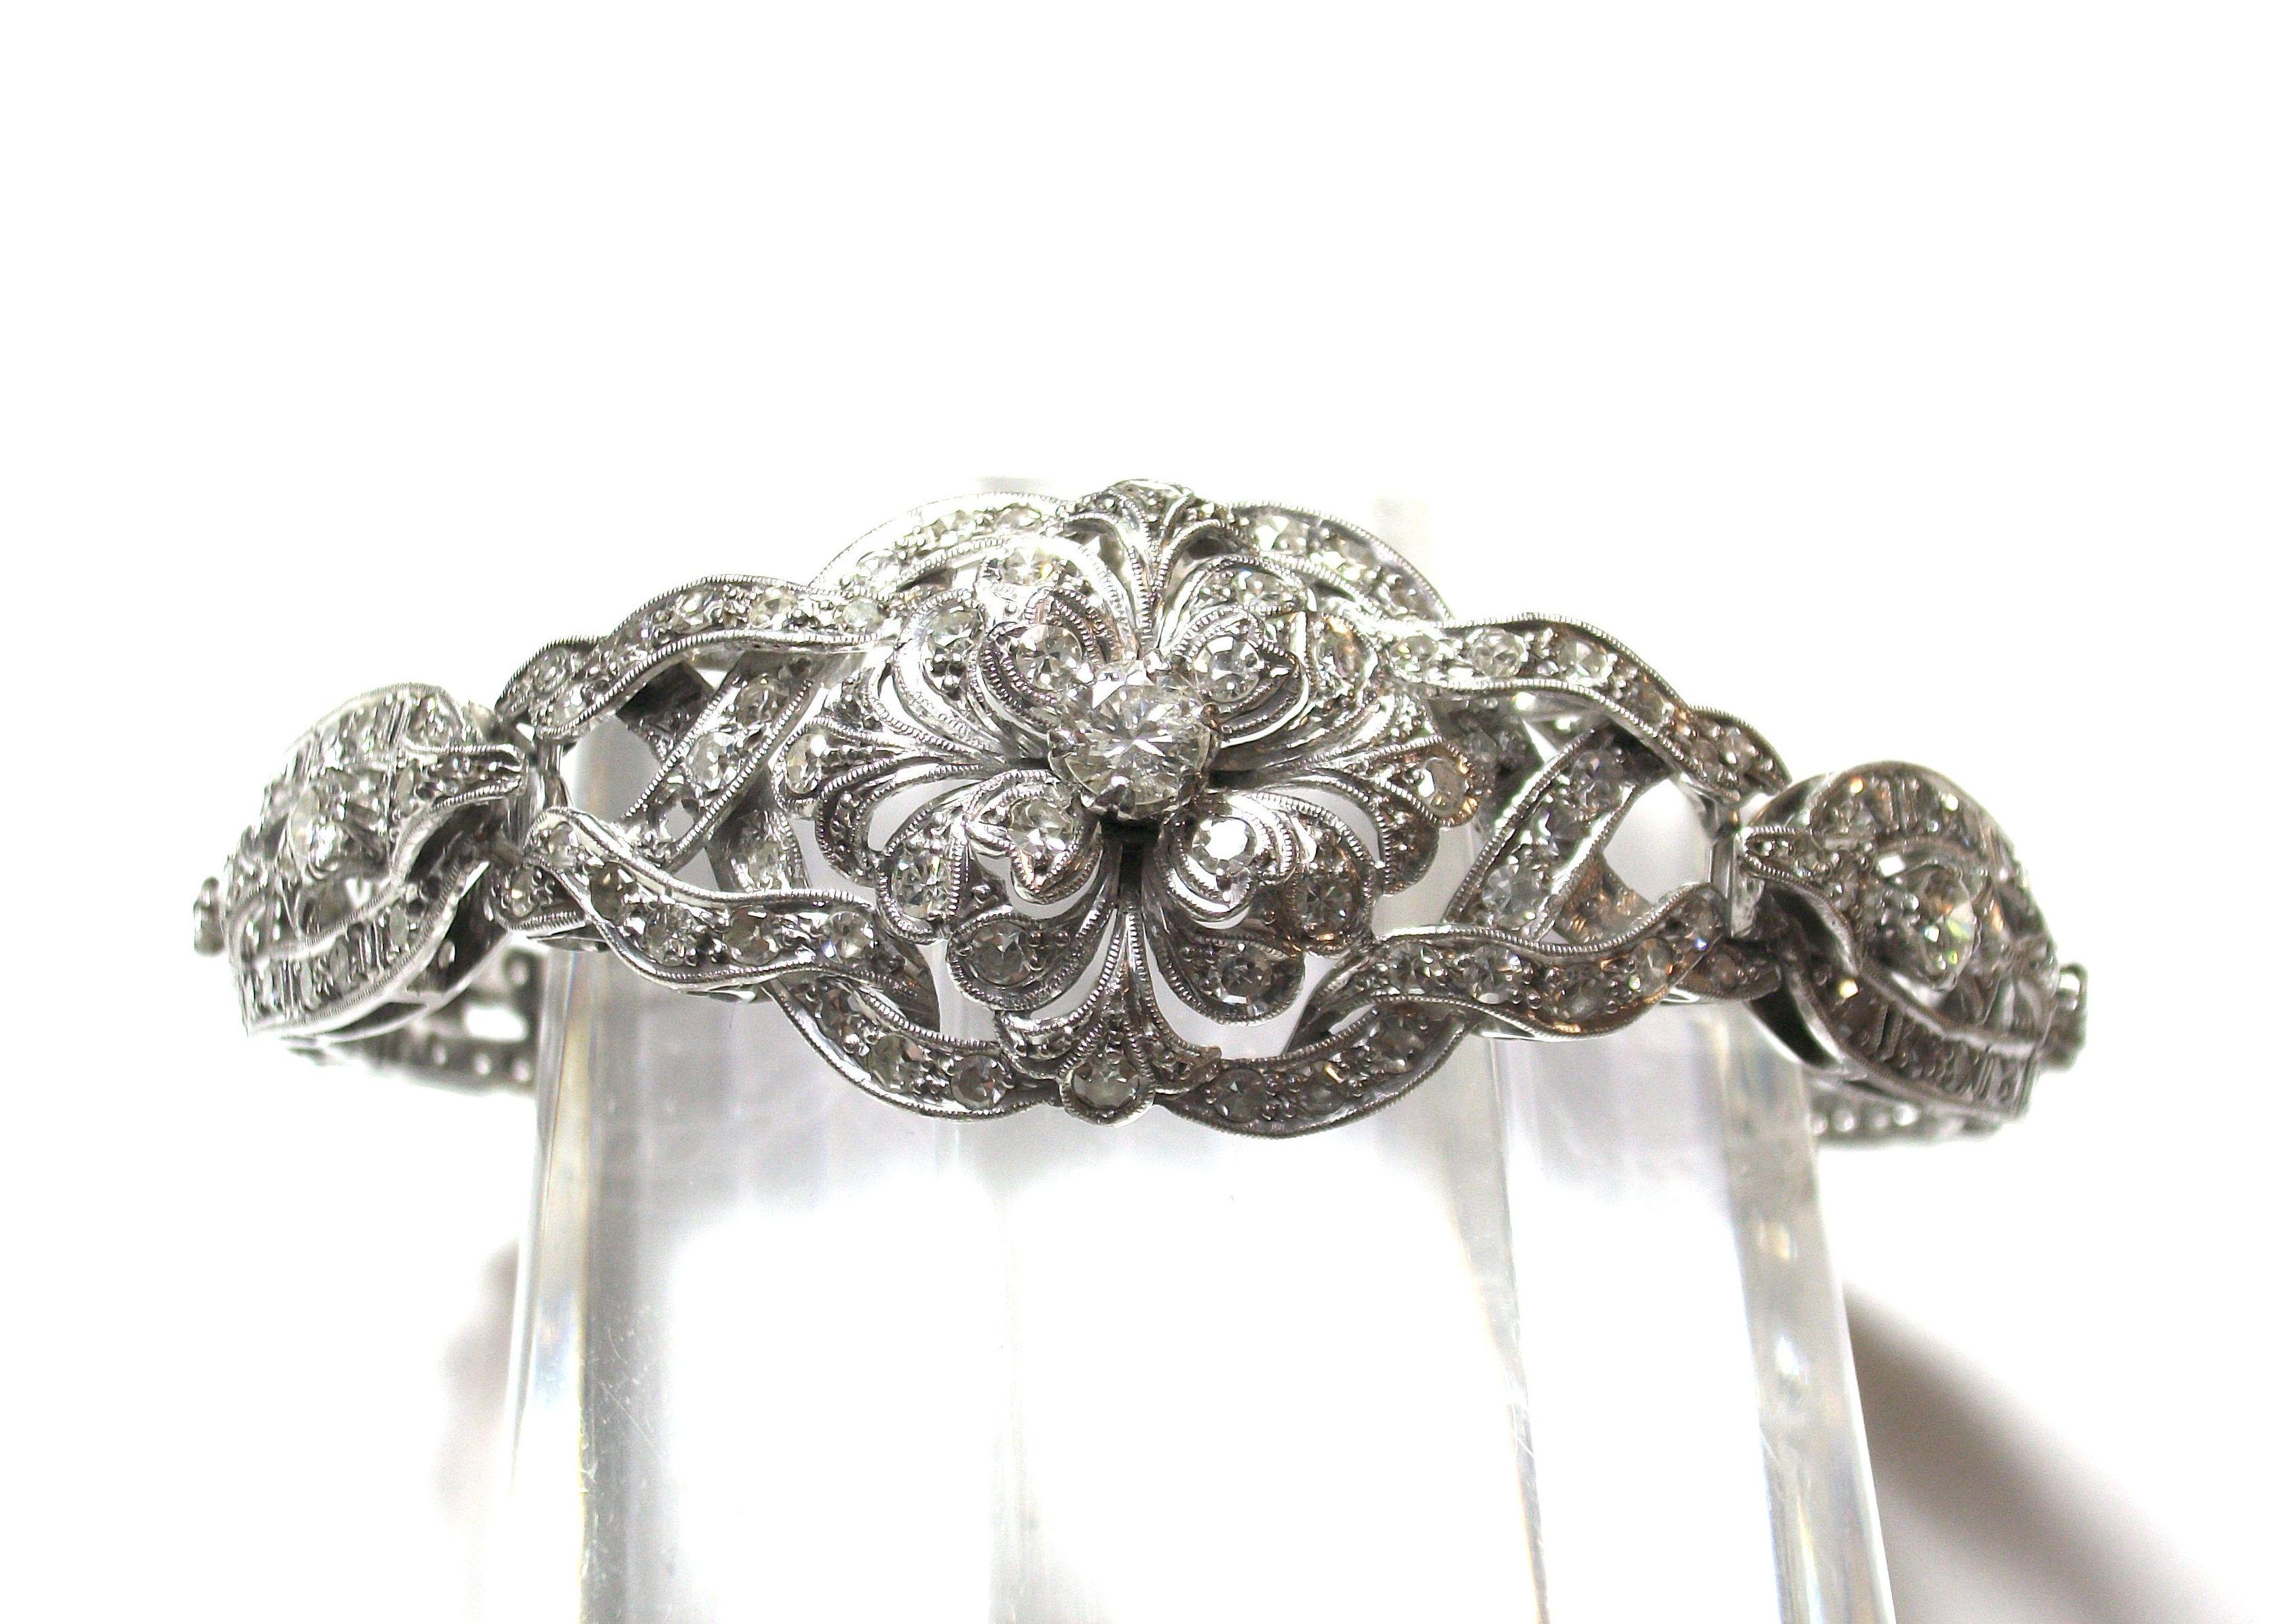 Pulsera con motivos vegetales realizada en oro blanco con diamantes. Circa: 1950-1960. VENDIDA